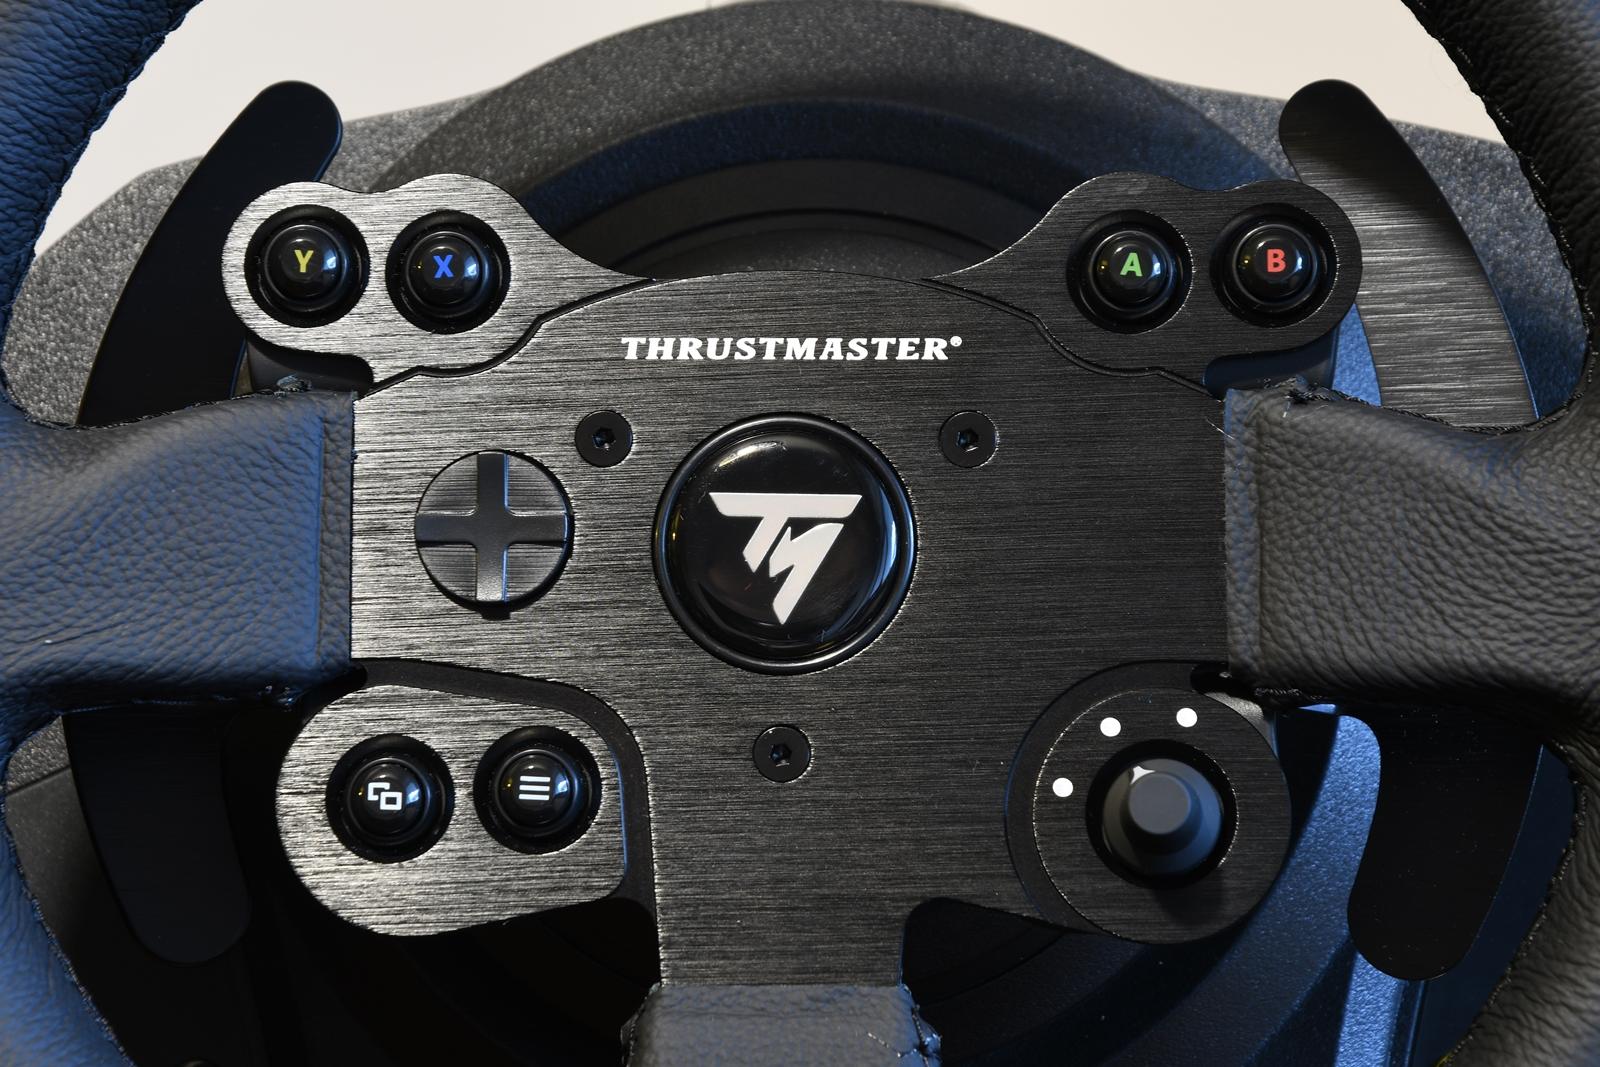 kierownica logitech czy thrustmaster